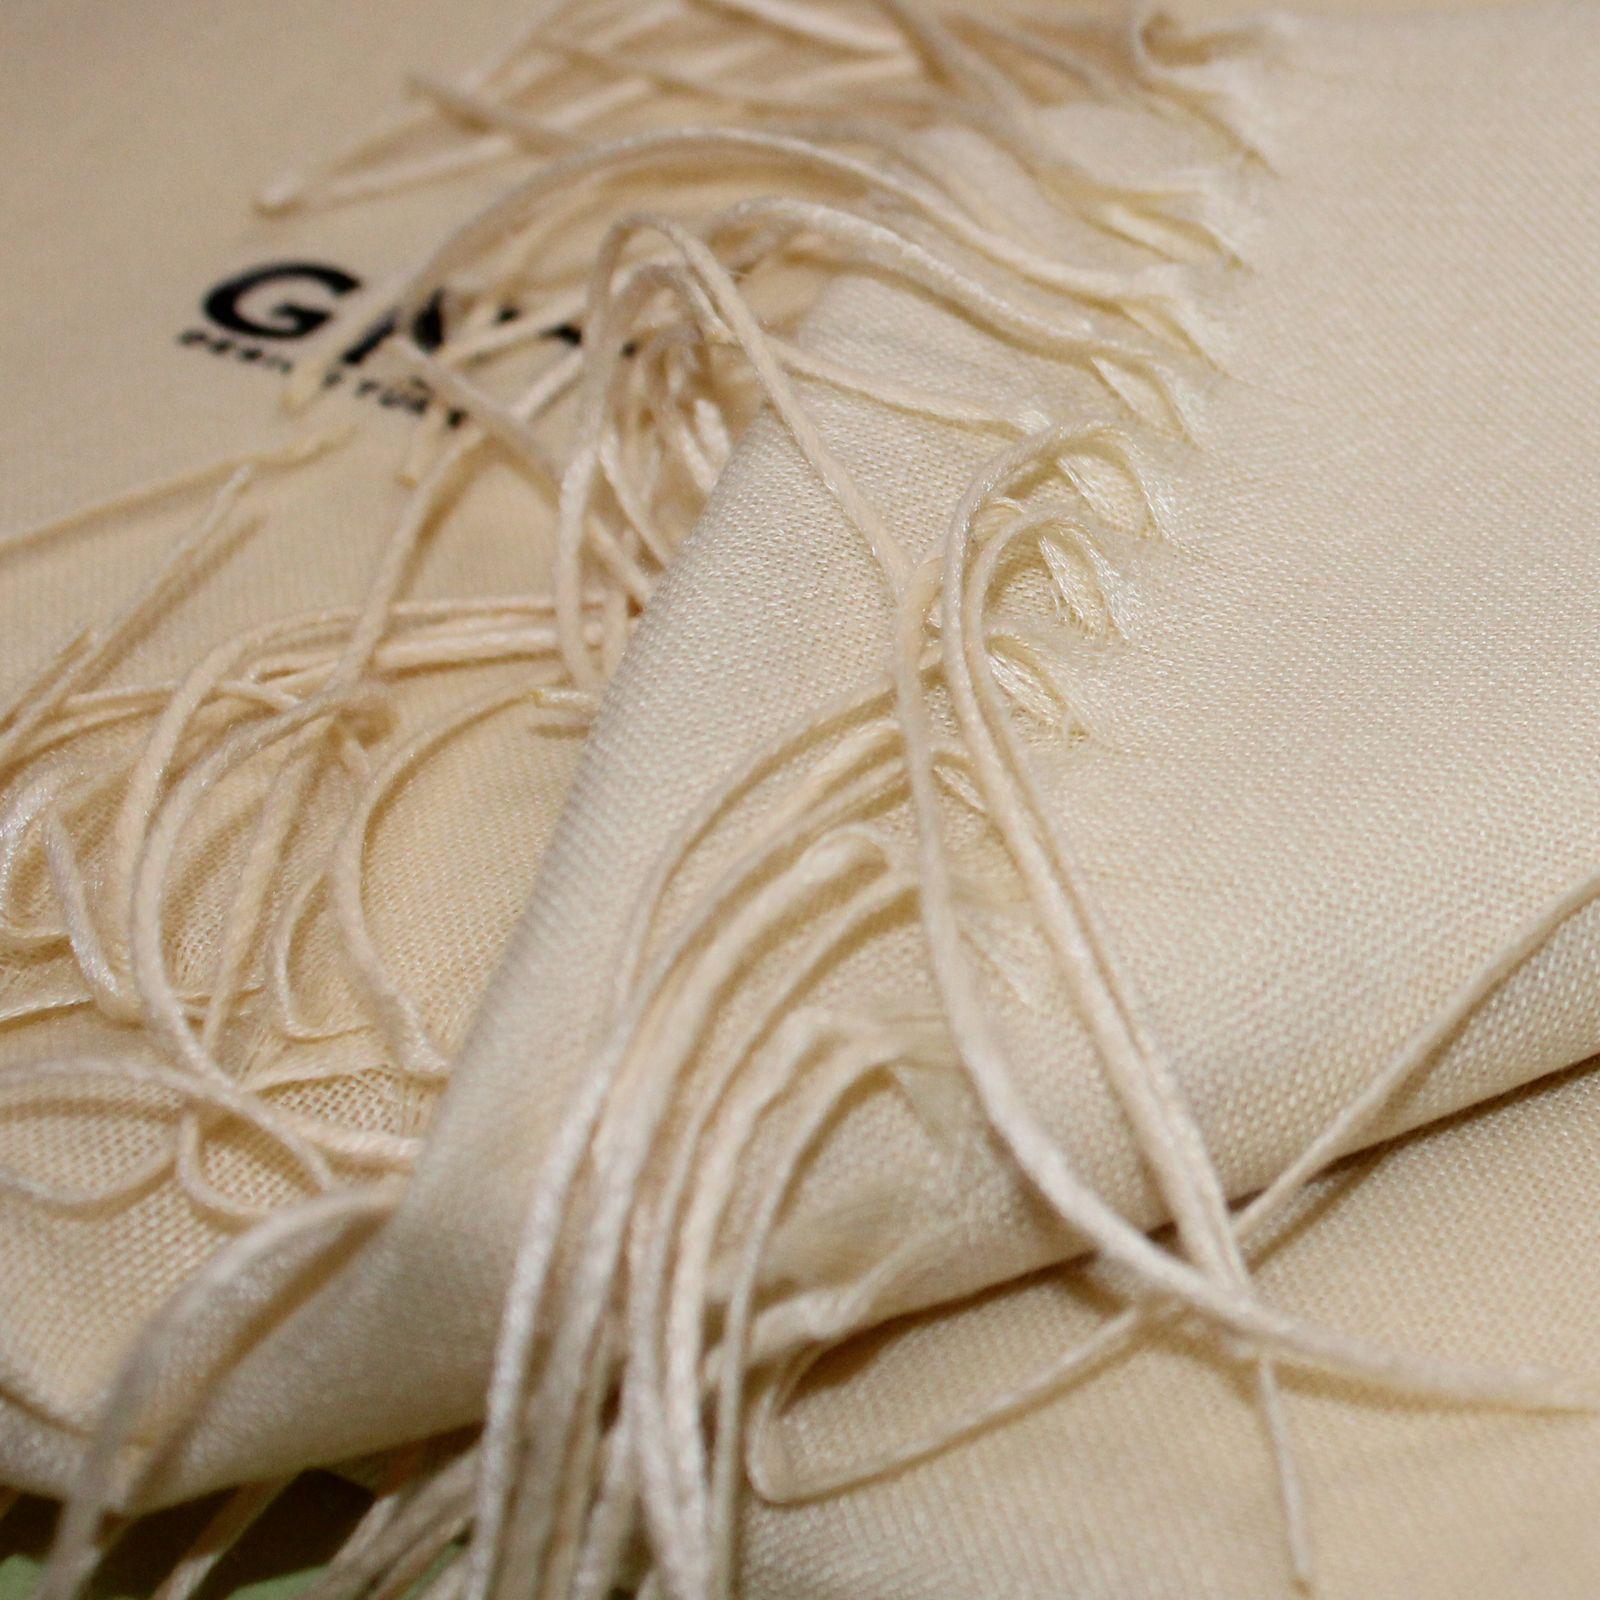 شال زنانه جی ان تی کد 01080 -  - 3